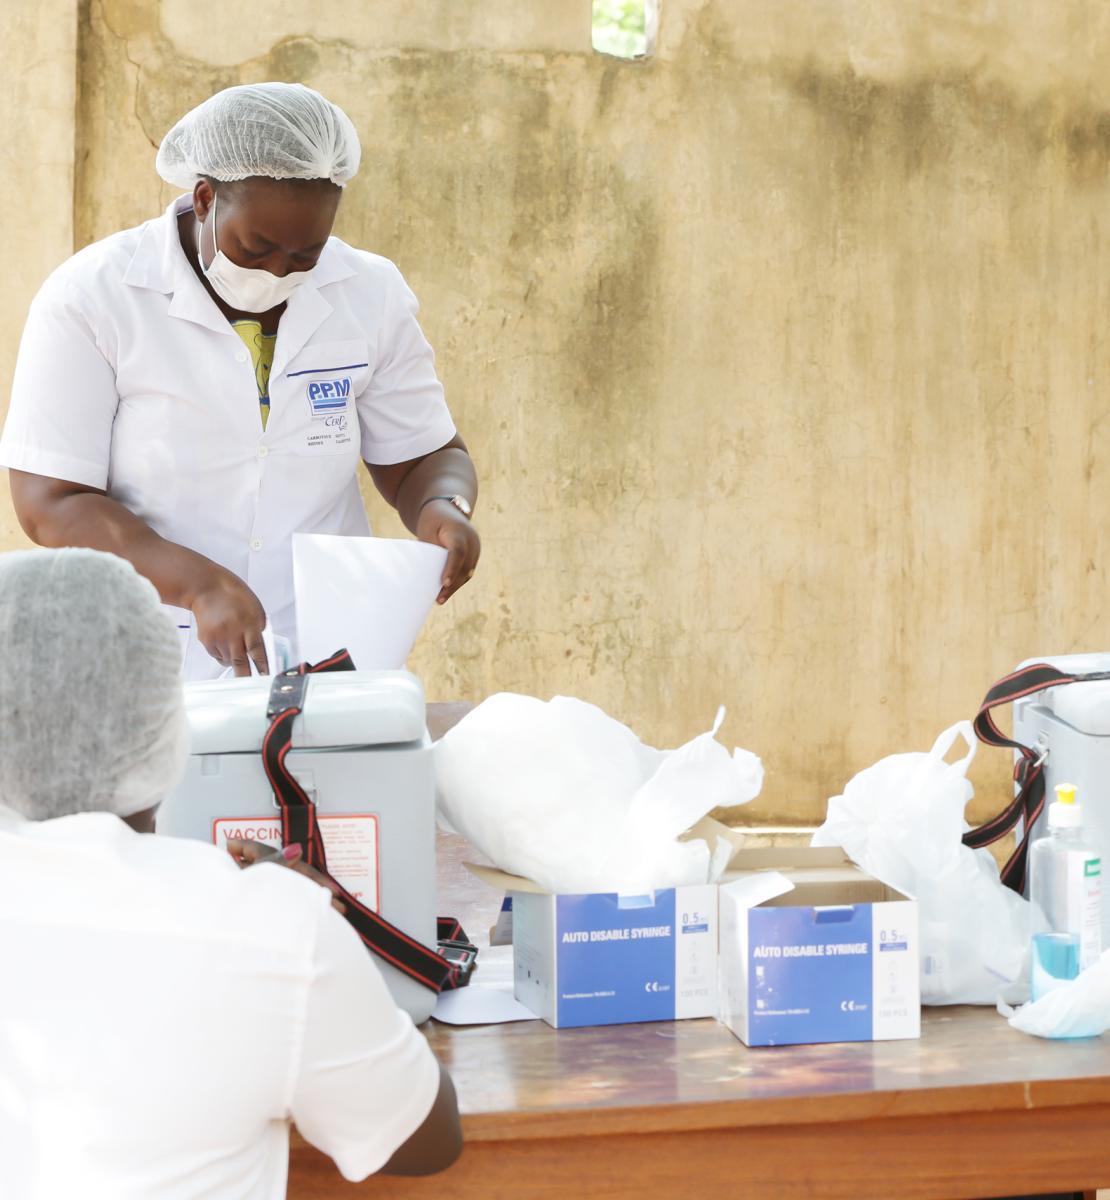 Quatre hommes et femmes portant chacun(e) un masque de protection respiratoire préparent le matériel nécessaire à l'administration de vaccins anti-COVID-19.